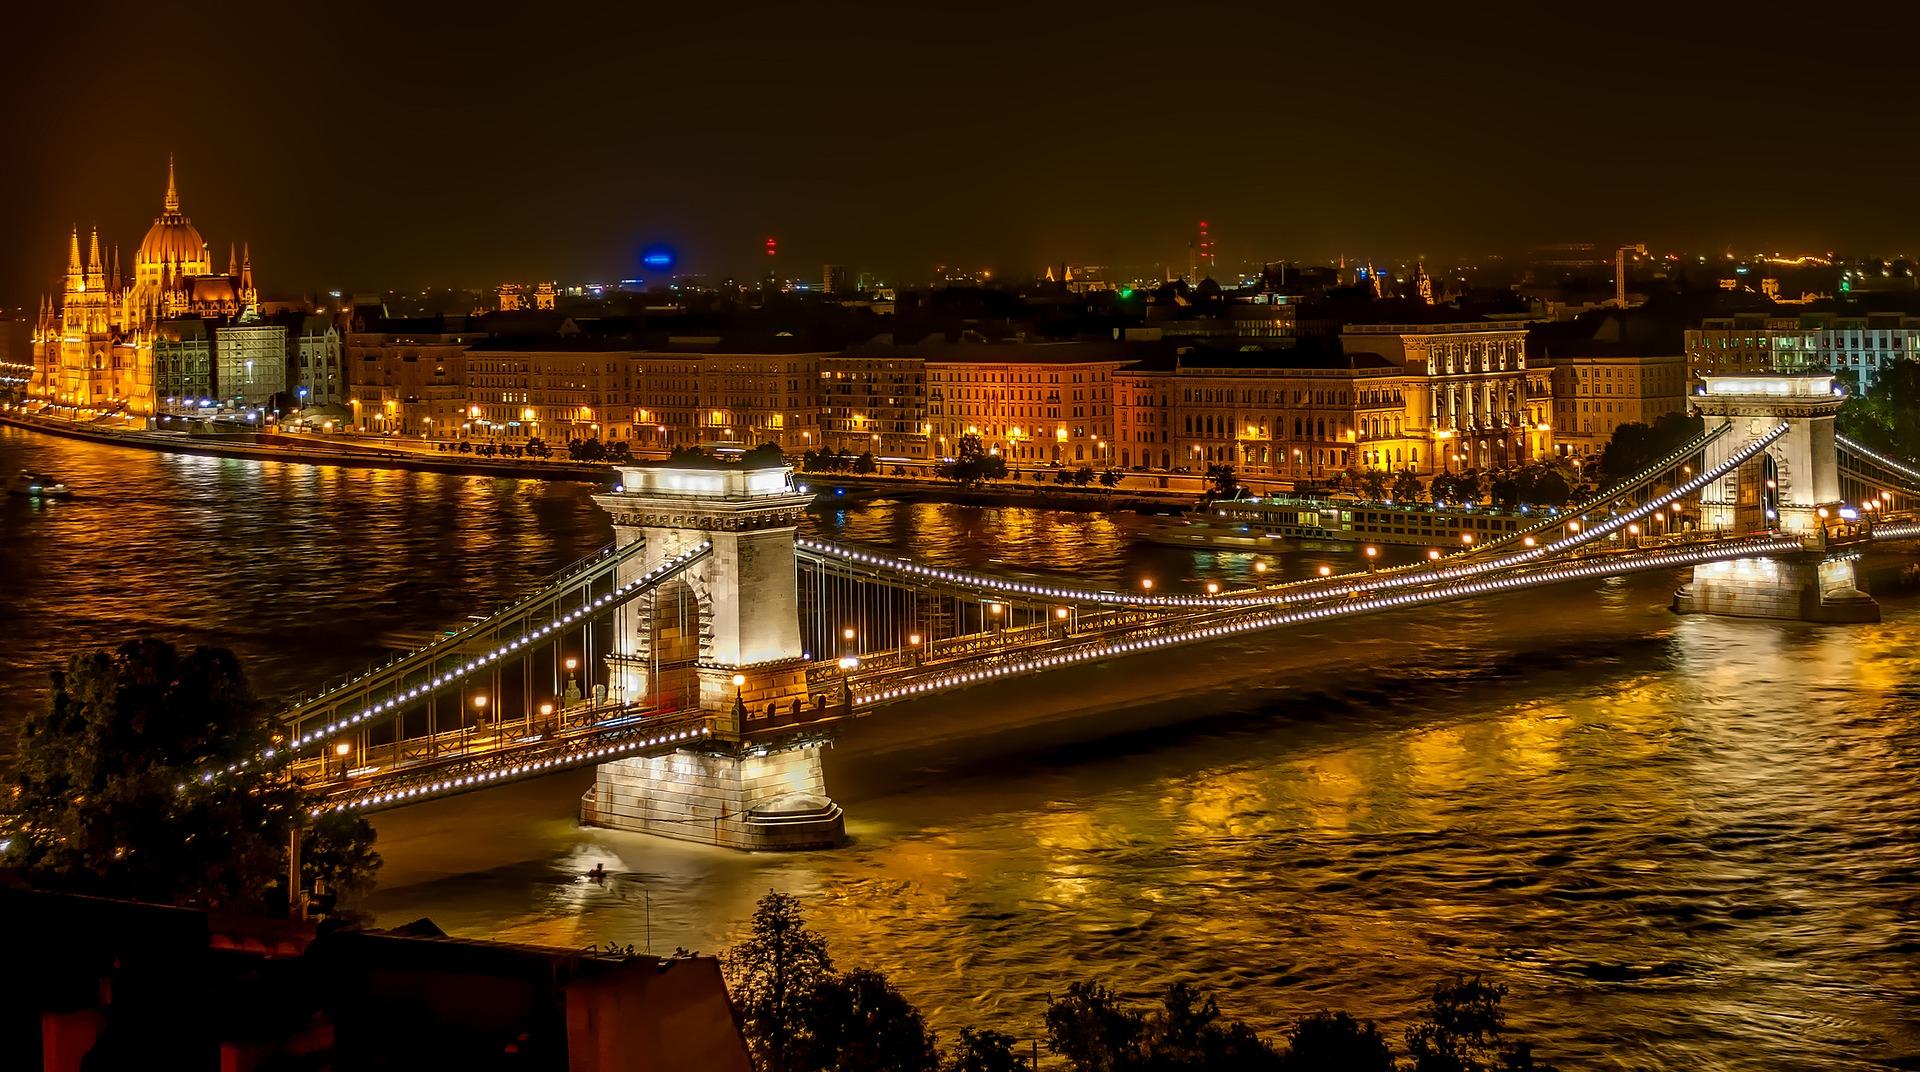 בודפשט: אחד מ-10 יעדי ההשקעה החמים בעולם למשקיעים קטנים